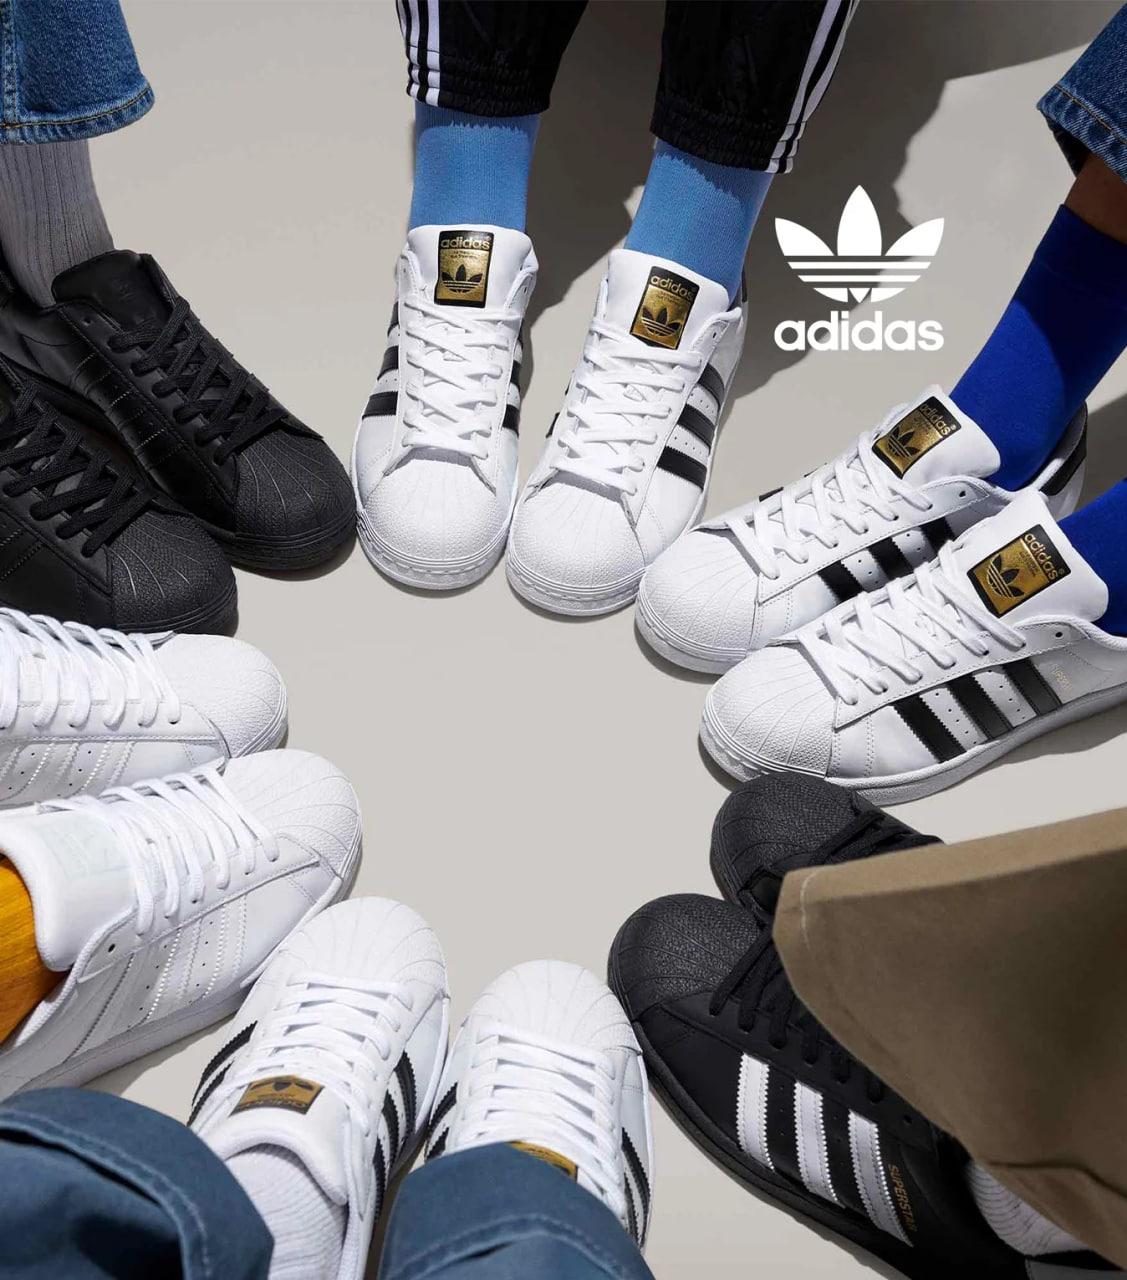 Descuentos en ropa, calzado y accesorios Adidas